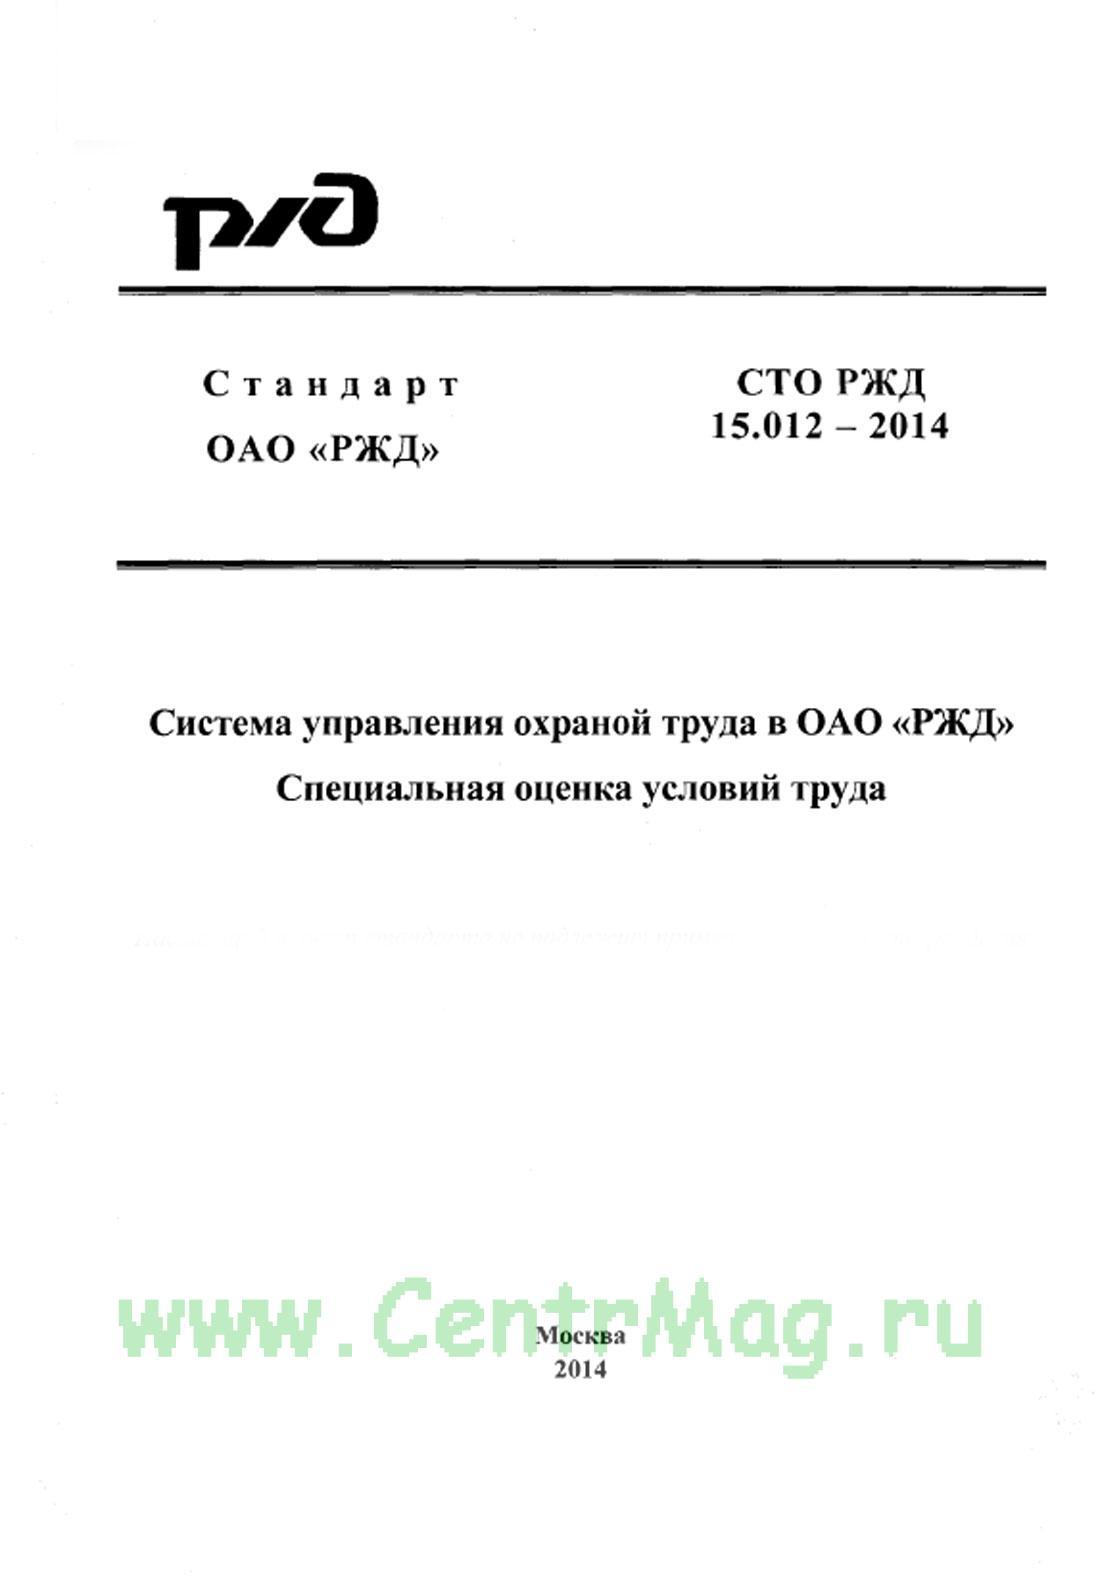 СТО РЖД 15.012-2014